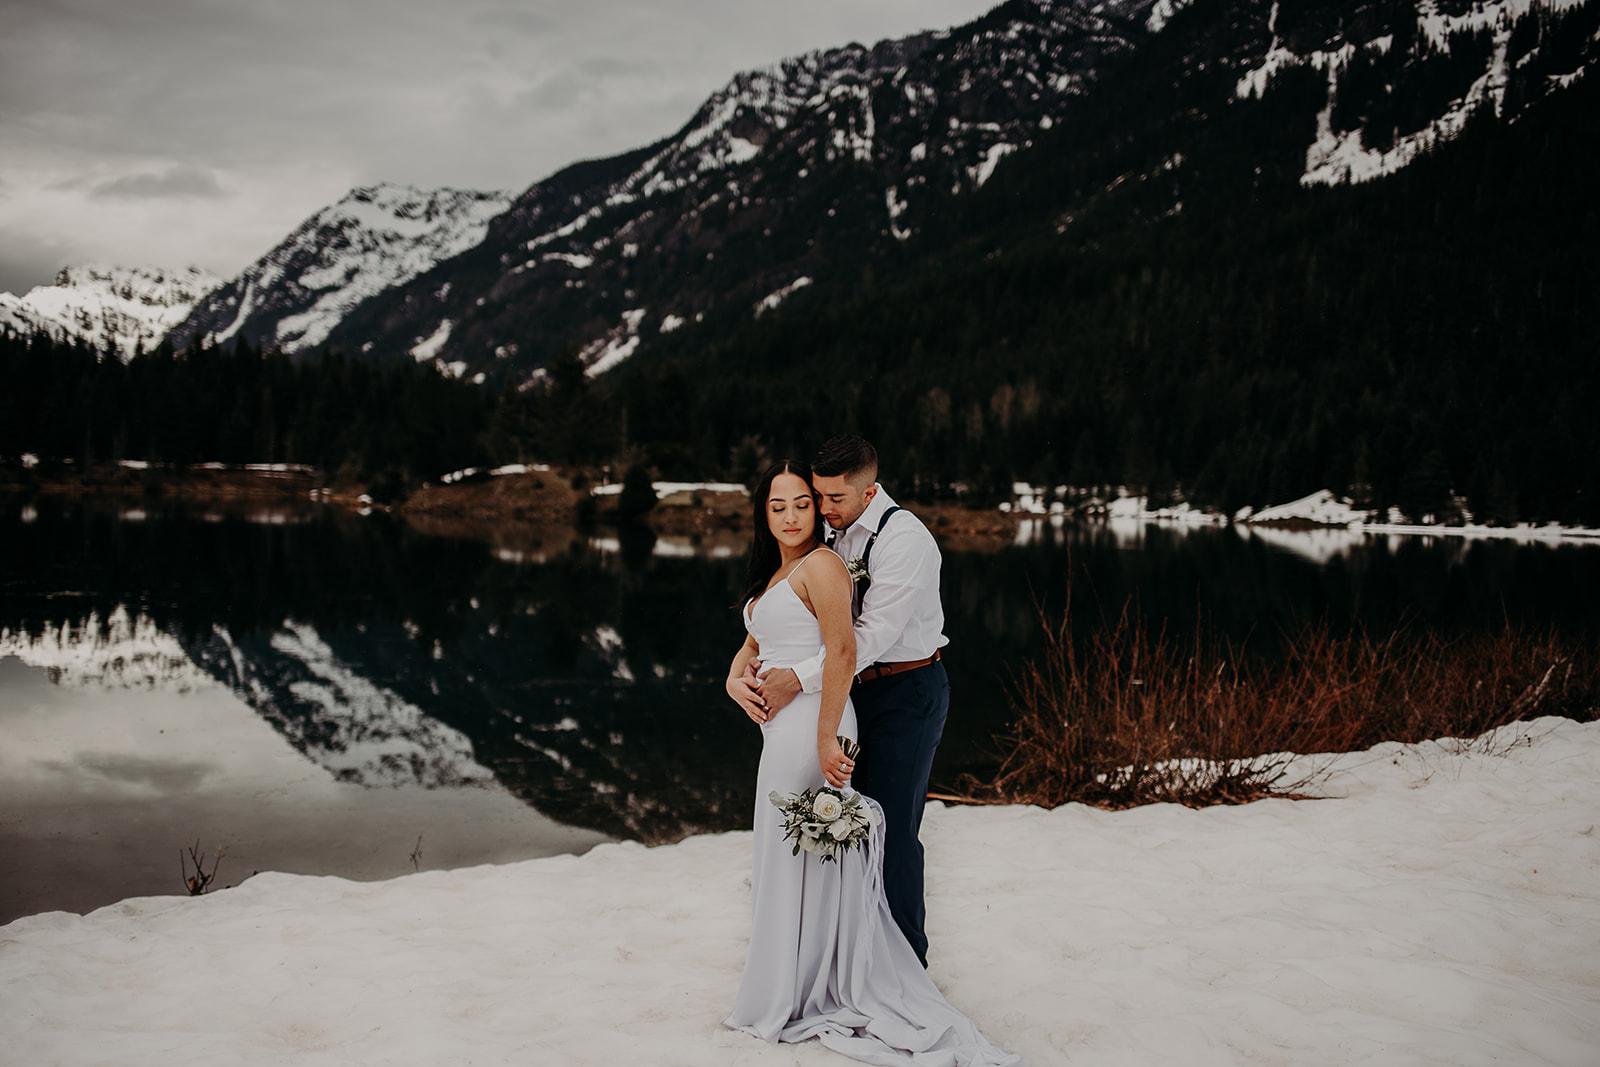 winter-mountain-elopement-asheville-wedding-photographer-megan-gallagher-photographer (22).jpg